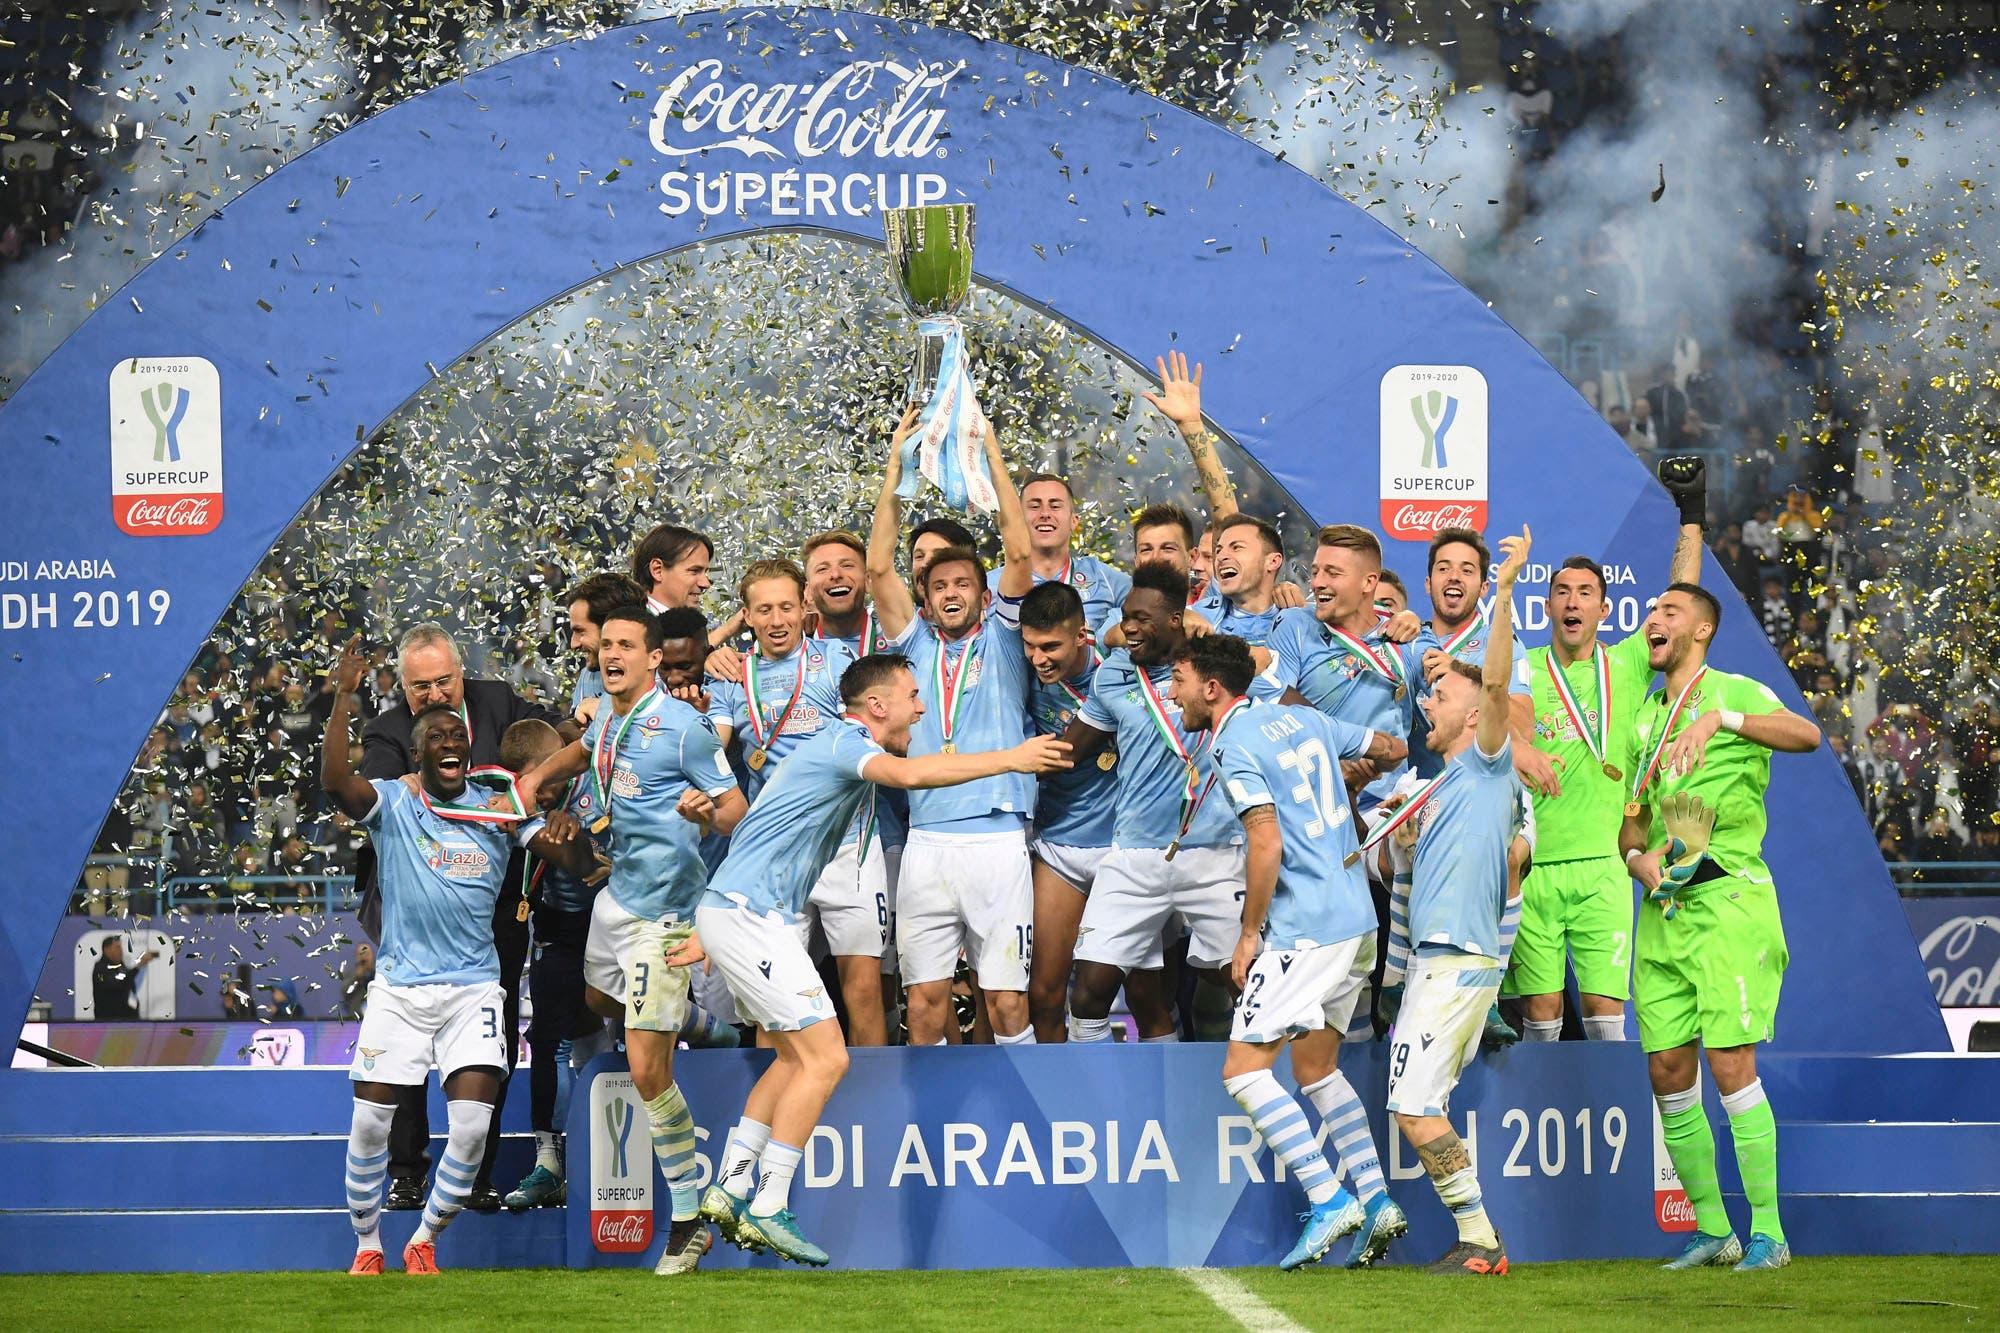 Lazio, con Joaquín Correa como titular, sorprendió a la poderosa Juventus y se quedó con la Supercopa de Italia